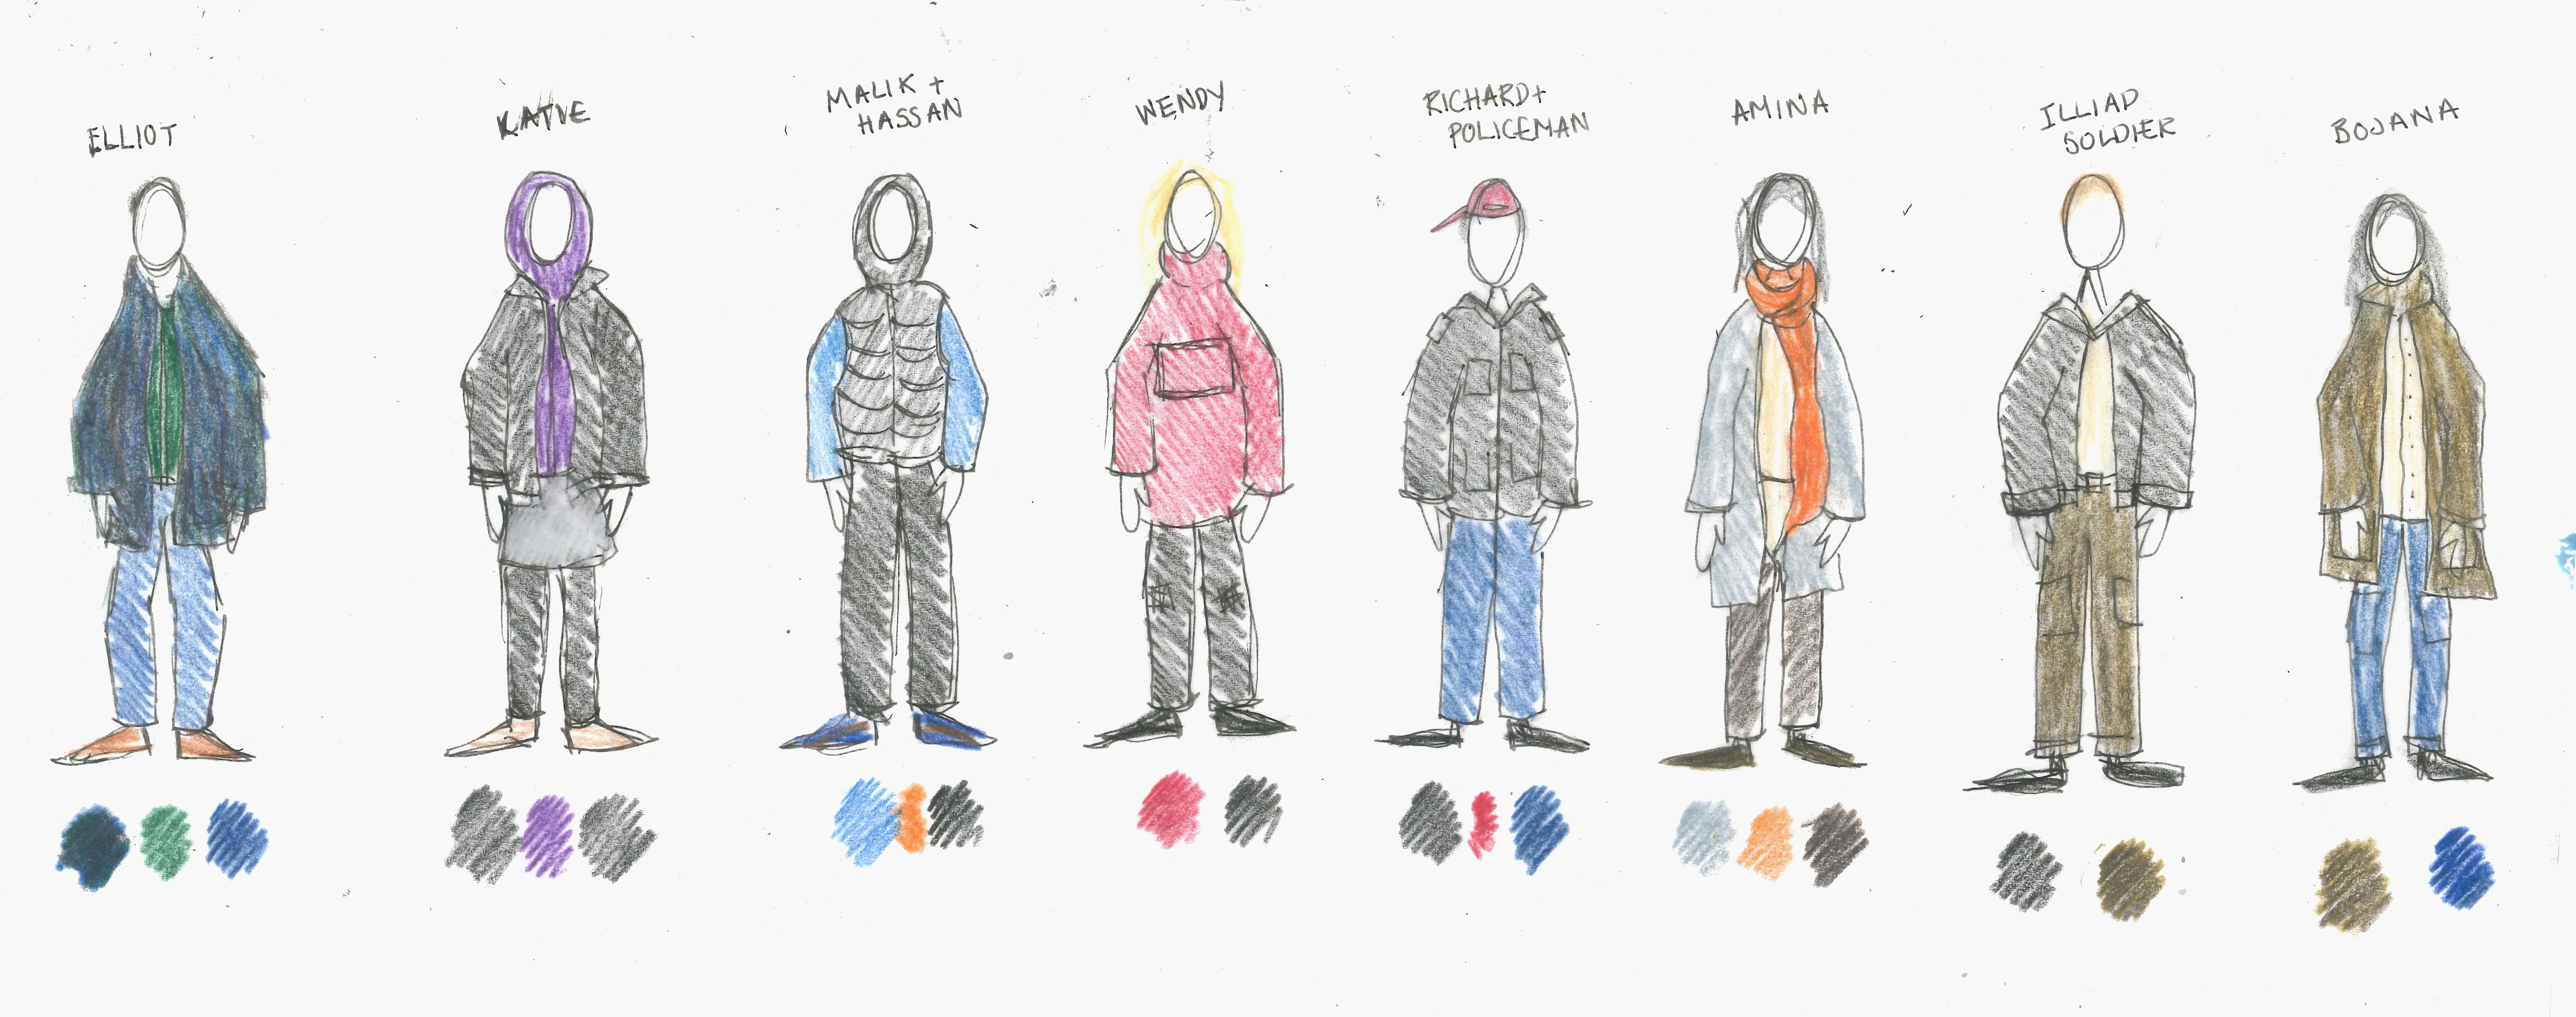 initial costume design sketches